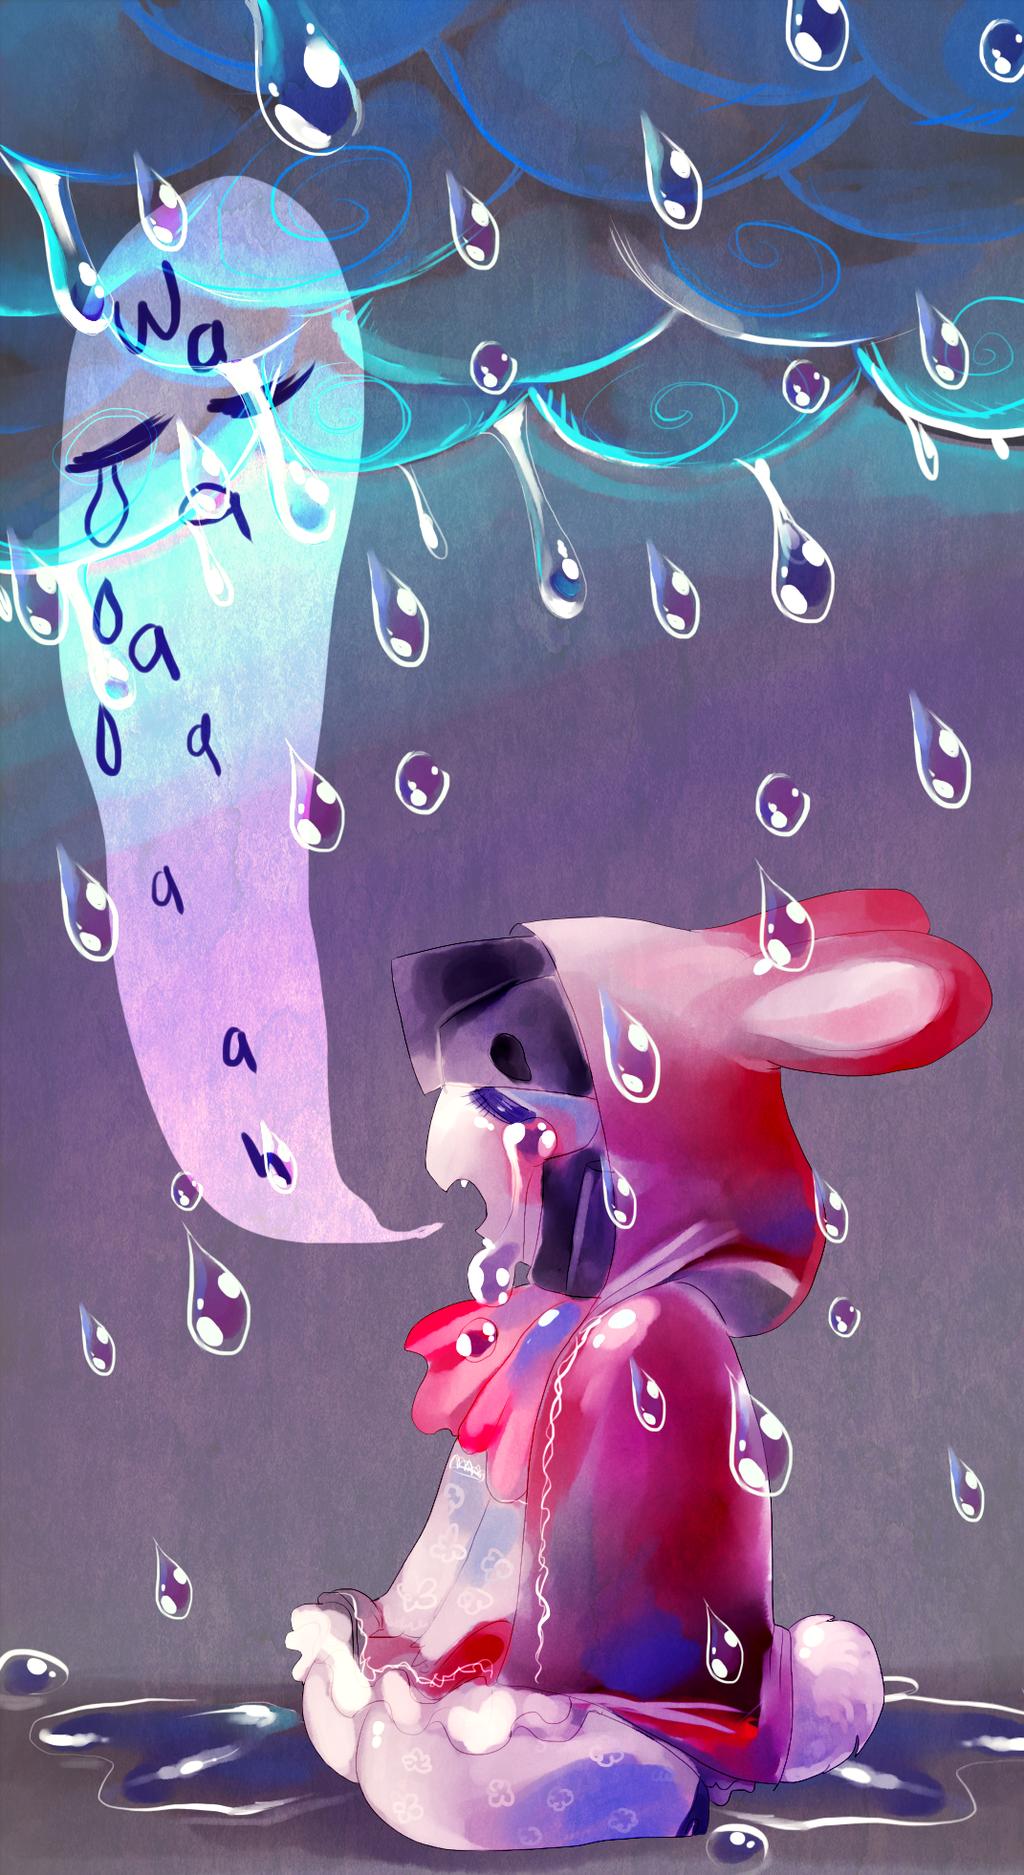 Stormy bunny